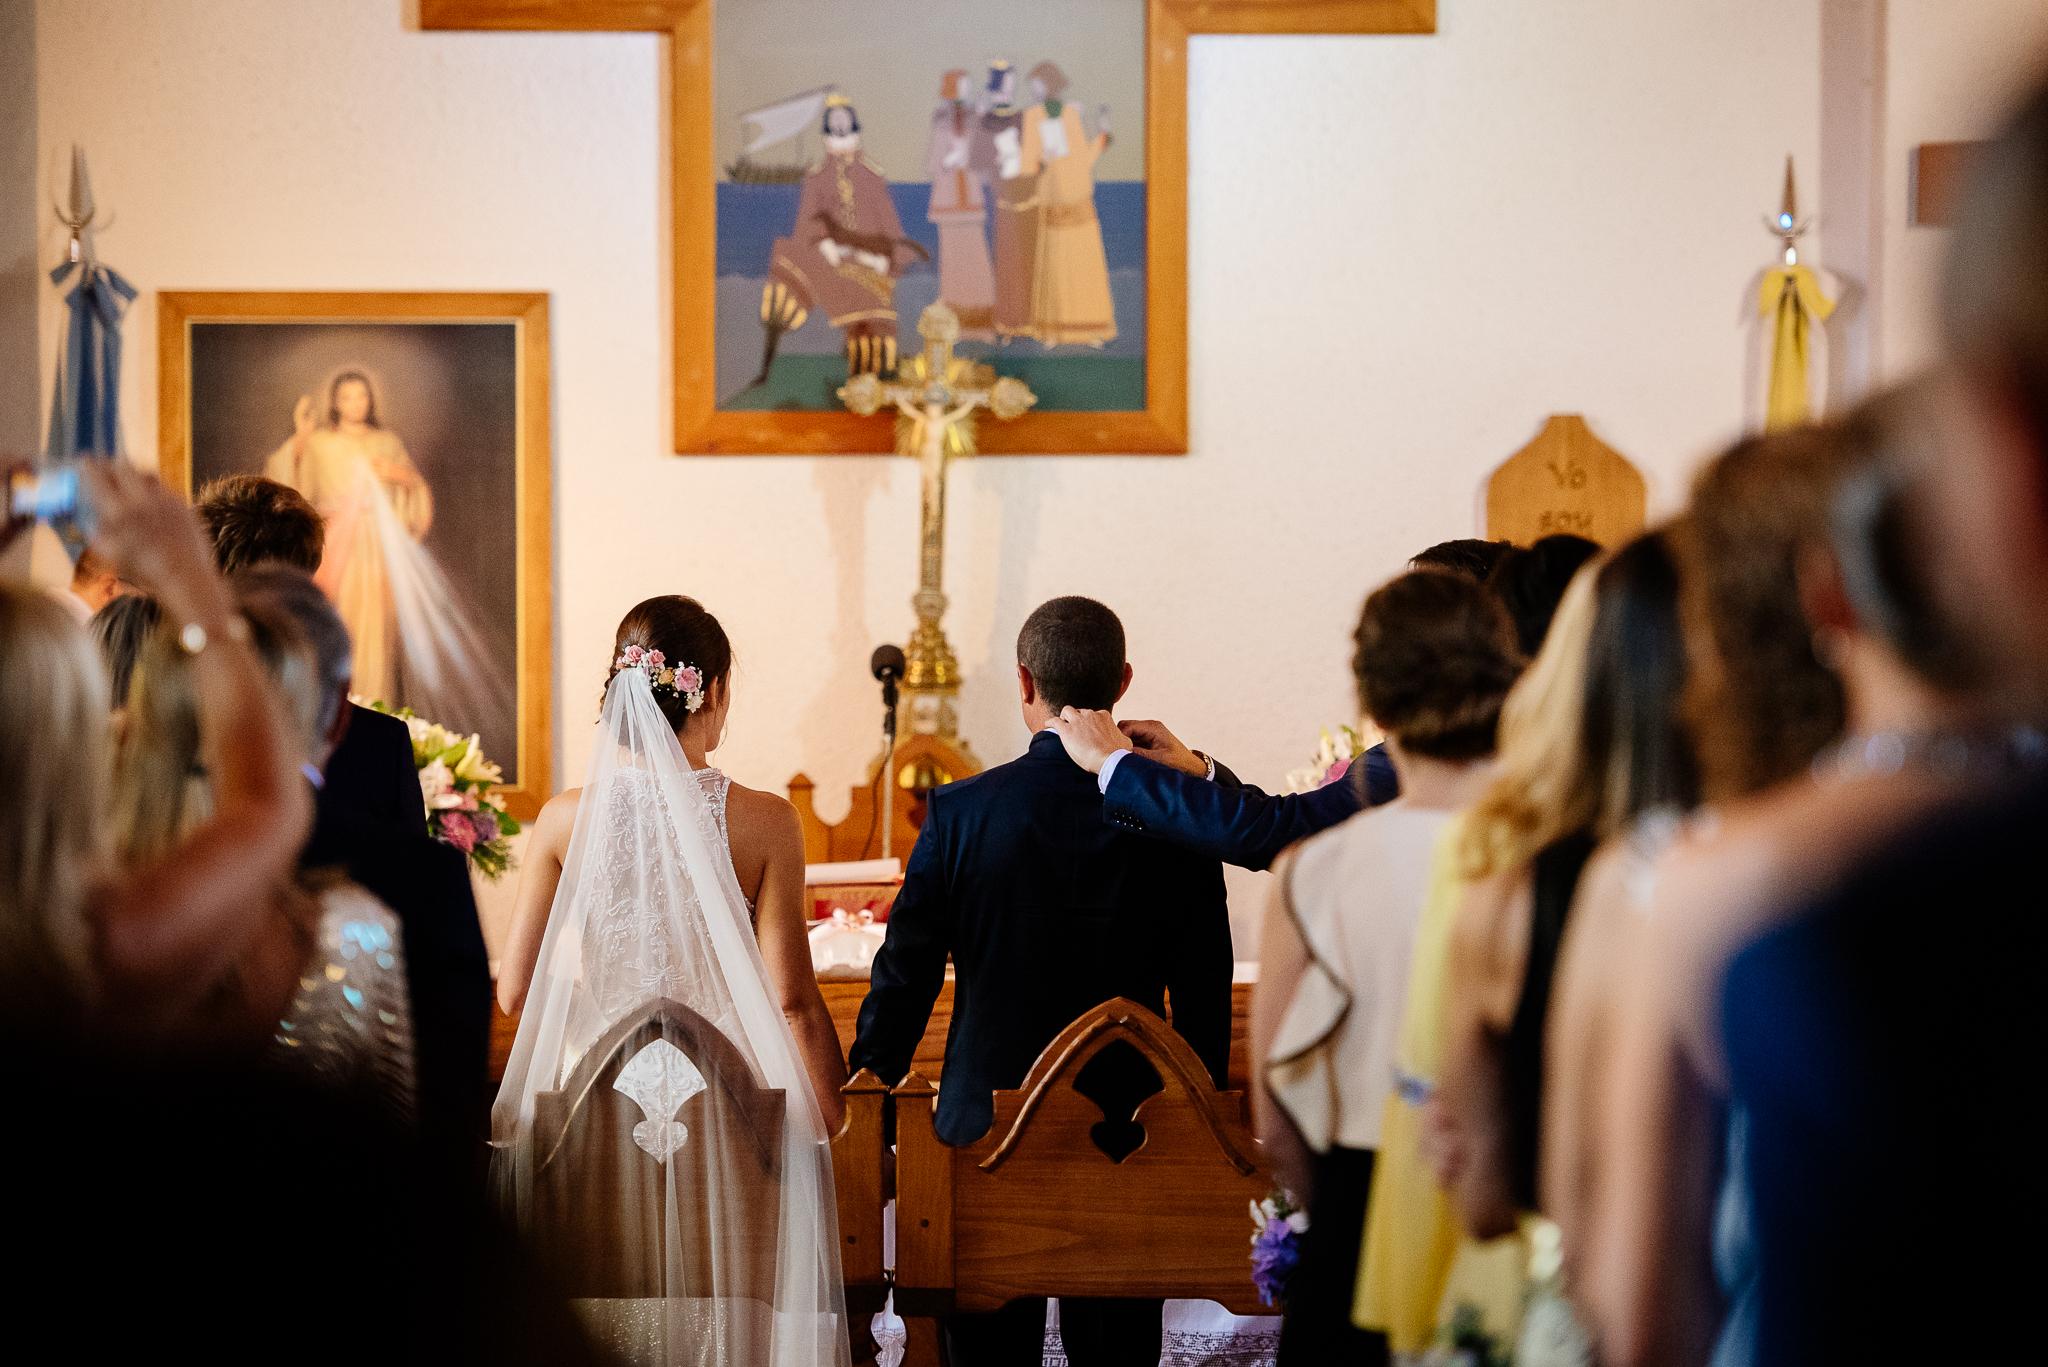 boda-bariloche-maxi-oviedo-fotografo-ramo-vestido-de-novia-31.jpg